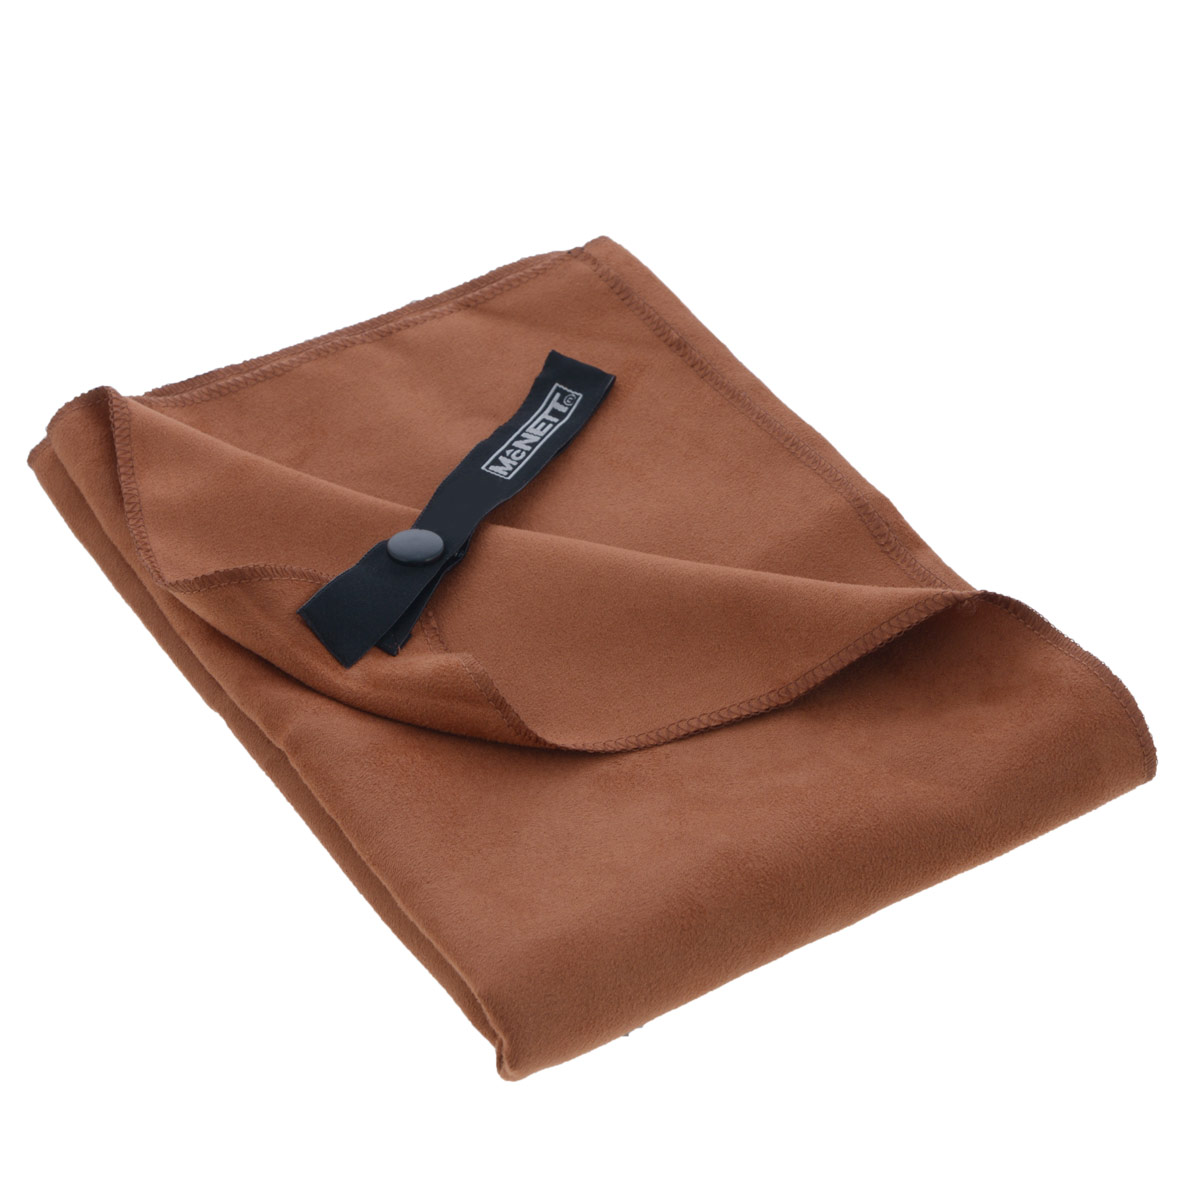 Полотенце McNett Outgo, цвет: терракот, 77 см х 128 см67742Микроволоконное полотенце McNett Outgo - это специально разработанная высокоплотная вязаная чрезвычайно компактная ткань с абсолютно уникальными впитывающими и чистящими свойствами. Сверхтонкие (0.2 денье) микроволоконные сплетения быстро сохнут - 90% воды удаляется при ручном отжиме. Приятное на ощупь, обладающее уникальными свойствами микроволокон, полотенце McNett Outgo идеально подойдет любителям различных поездок, походов и водных видов спорта. В комплекте удобный чехол, выполненный из сетки с водоотталкивающей подкладкой.